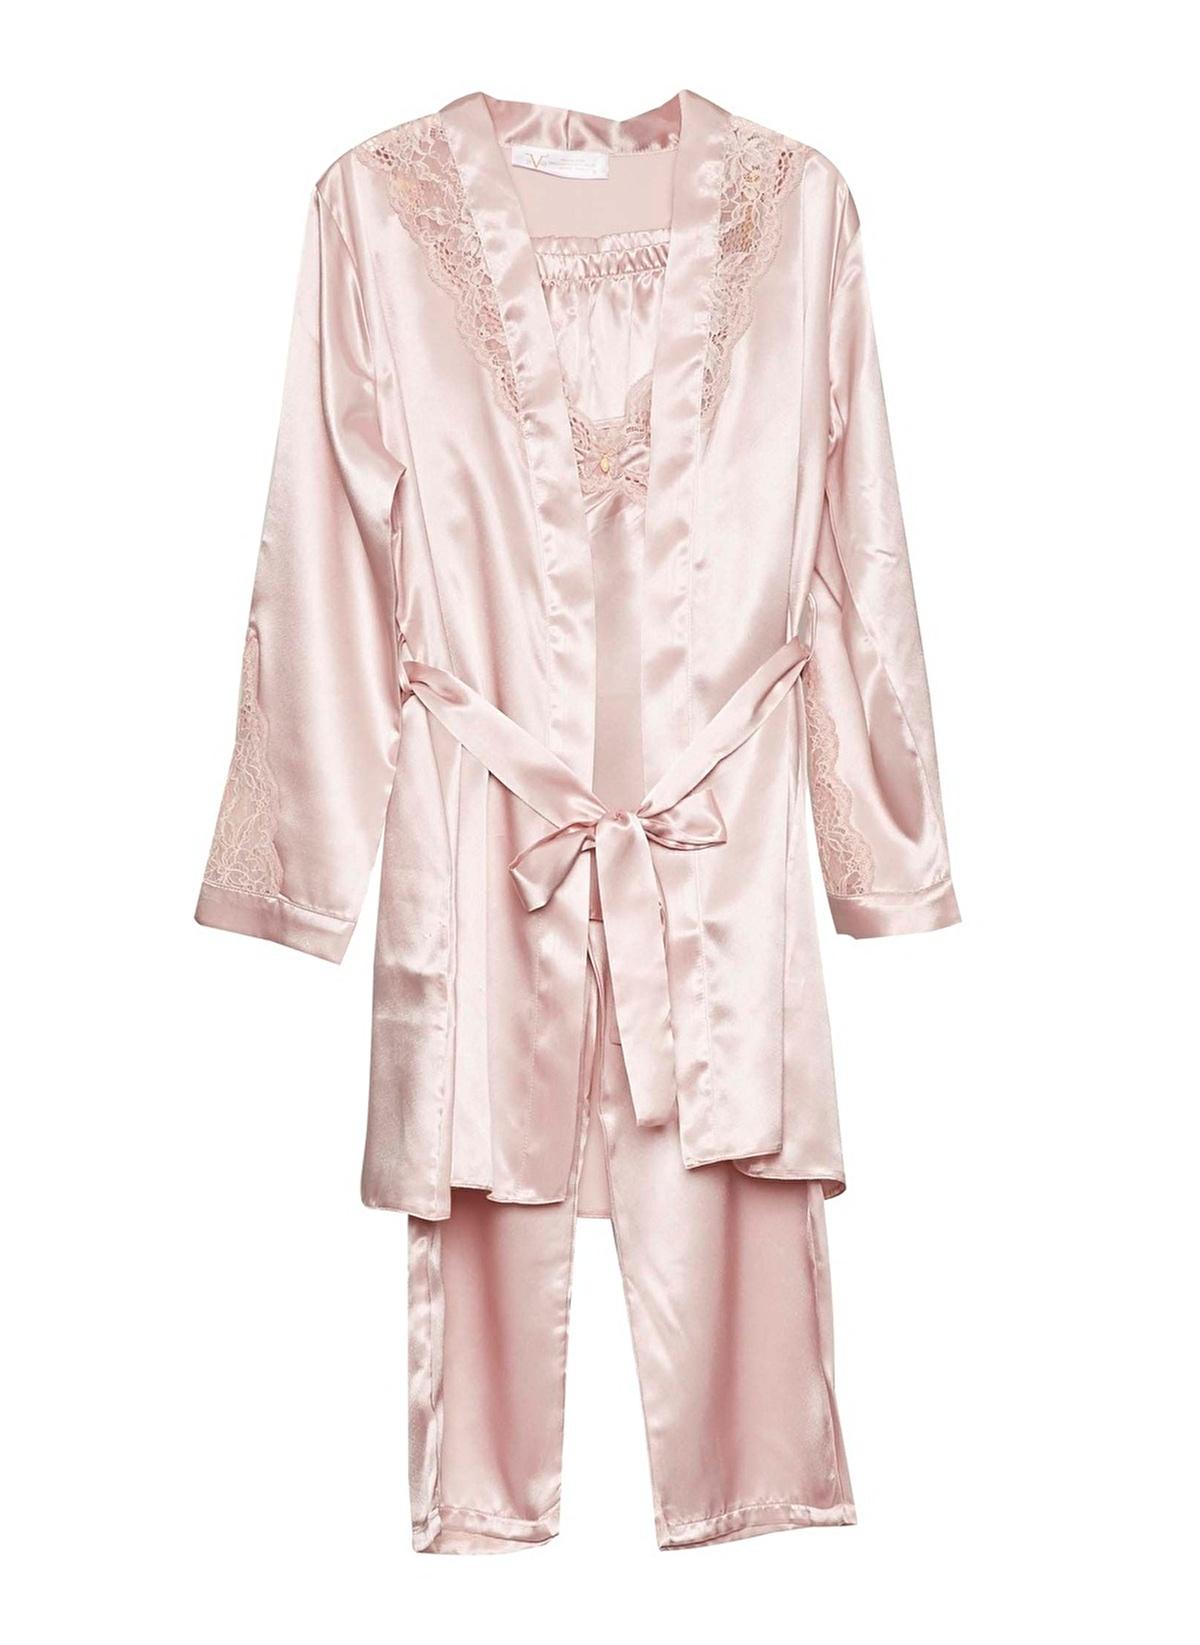 b28ade53de 19V69 Italia Kadın Dantelli Sabahlık Pijama Saten Takım Pudra ...